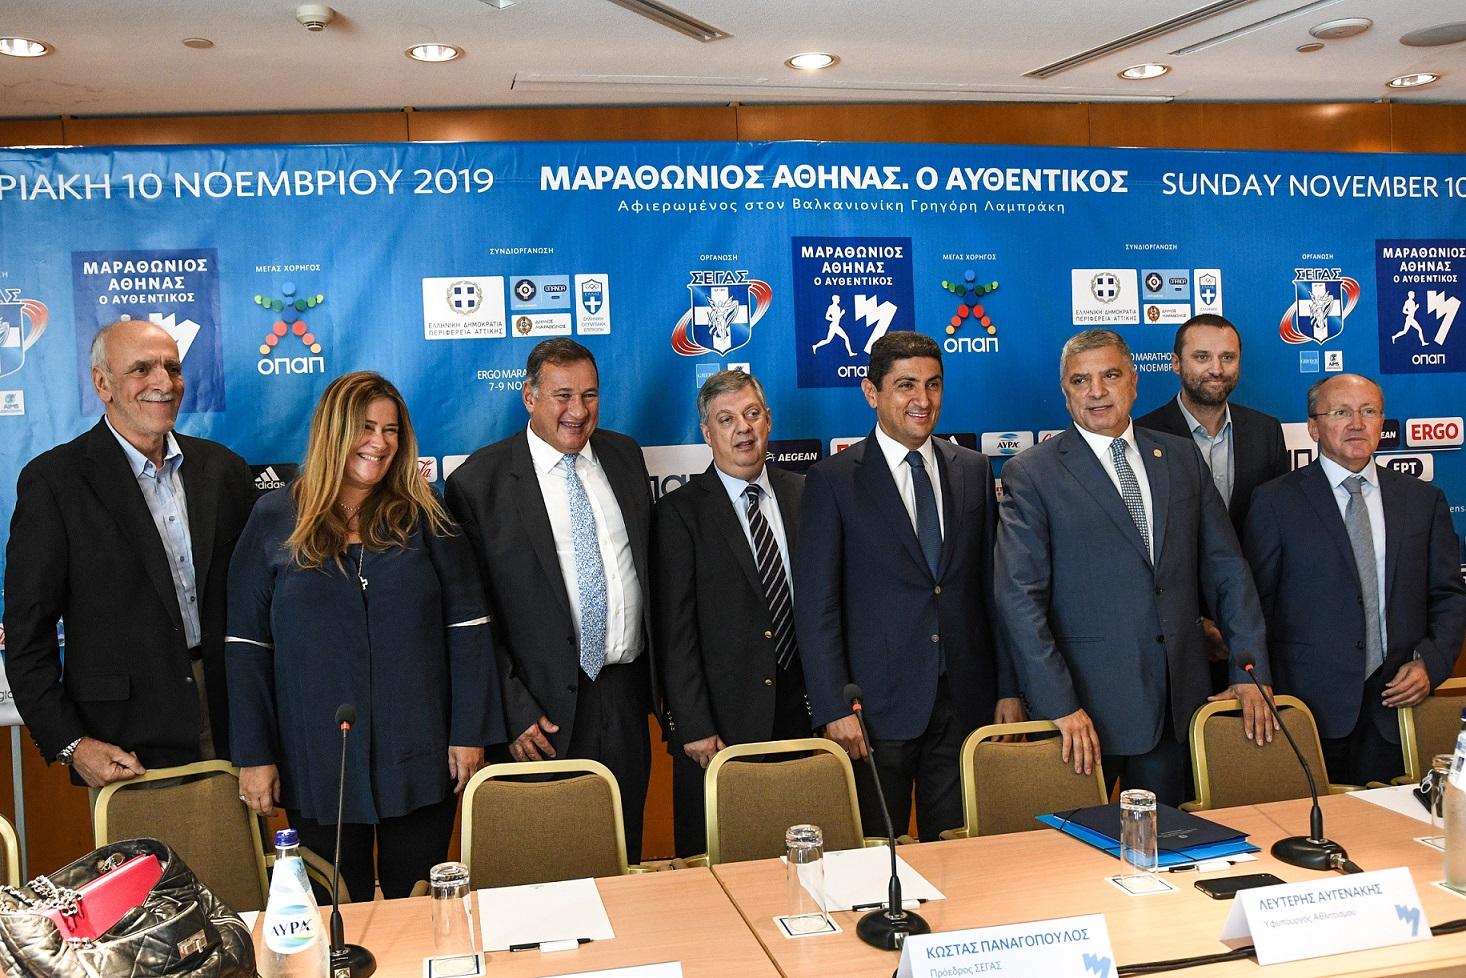 Ο Γενικός Γραμματέας του ΣΕΓΑΣ Βασίλης Σεβαστής, η πρόεδρος του Οργανισμού Πολιτισμού, Αθλητισμού και Νεολαίας του Δήμου Αθηναίων Άννα Ροκοφύλλου, ο Πρόεδρος της Ελληνικής Ολυμπιακής Επιτροπής και μέλος της Διεθνούς Ολυμπιακής Επιτροπής Σπύρος Καπράλος, ο Πρόεδρος του ΣΕΓΑΣ Κώστας Παναγόπουλος, ο Υφυπουργός Αθλητισμού Λευτέρης Αυγενάκης, ο Περιφερειάρχης Αττικής Γιώργος Πατούλης, ο Διευθυντής Marketing Επικοινωνίας ΟΠΑΠ Γιάννης Ρόκκας, ο Δήμαρχος Μαραθώνα Στέργιος Τσίρκας.